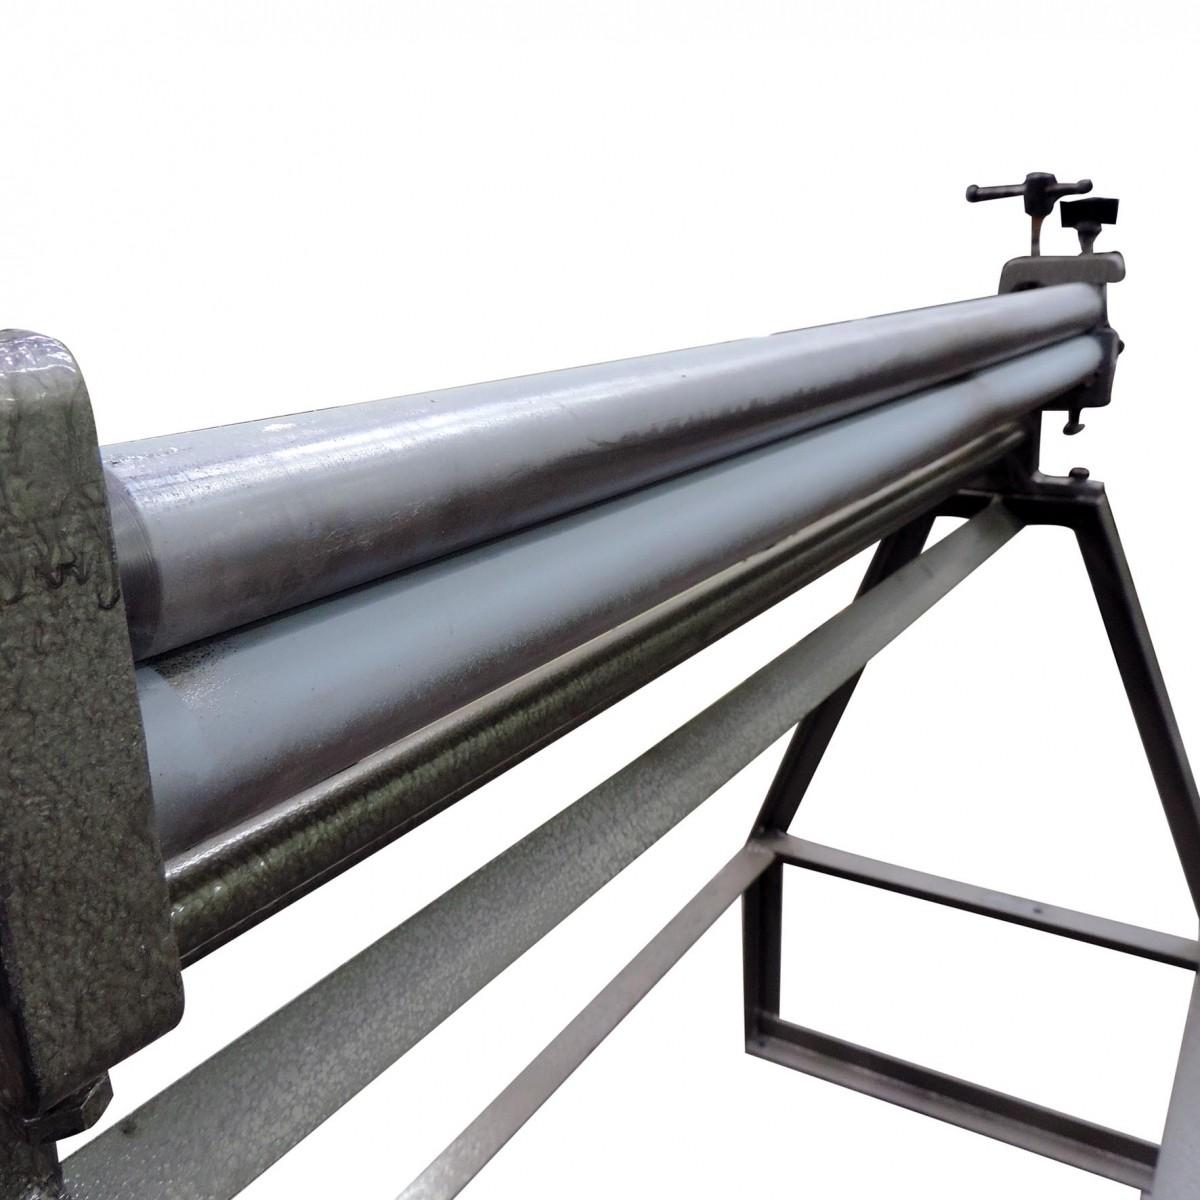 Calandra para chapas - CI-1045 - Com Bancada